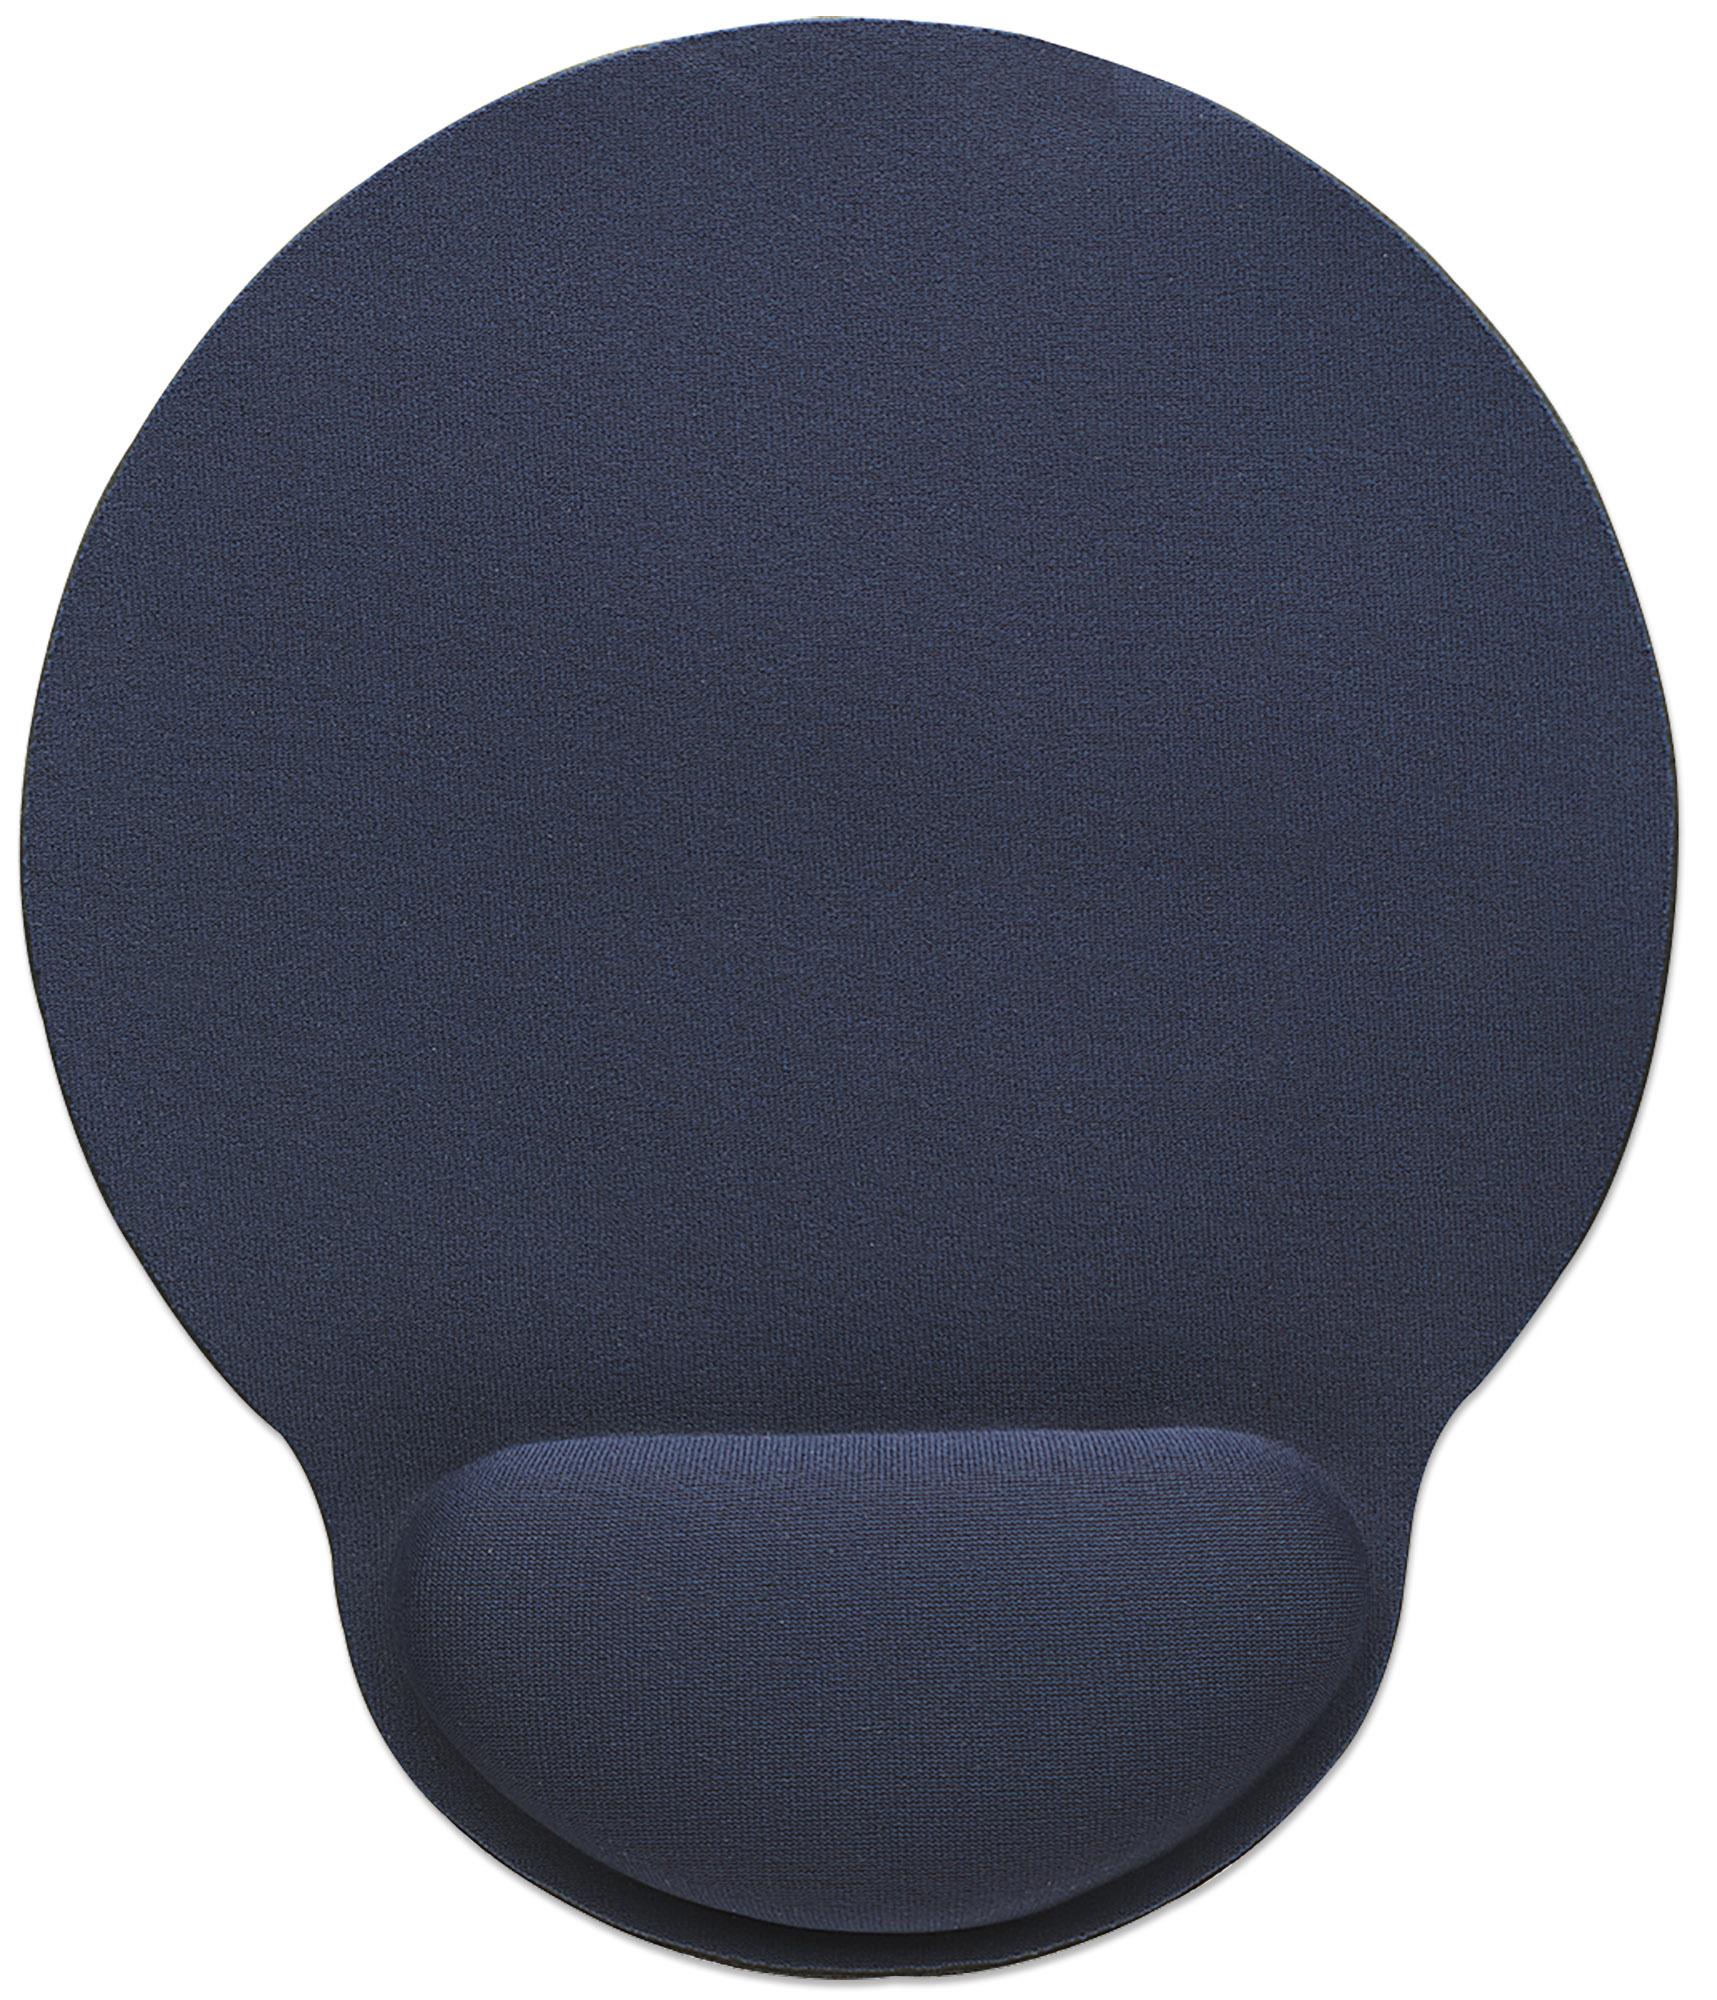 Wrist-Rest Mouse Pad